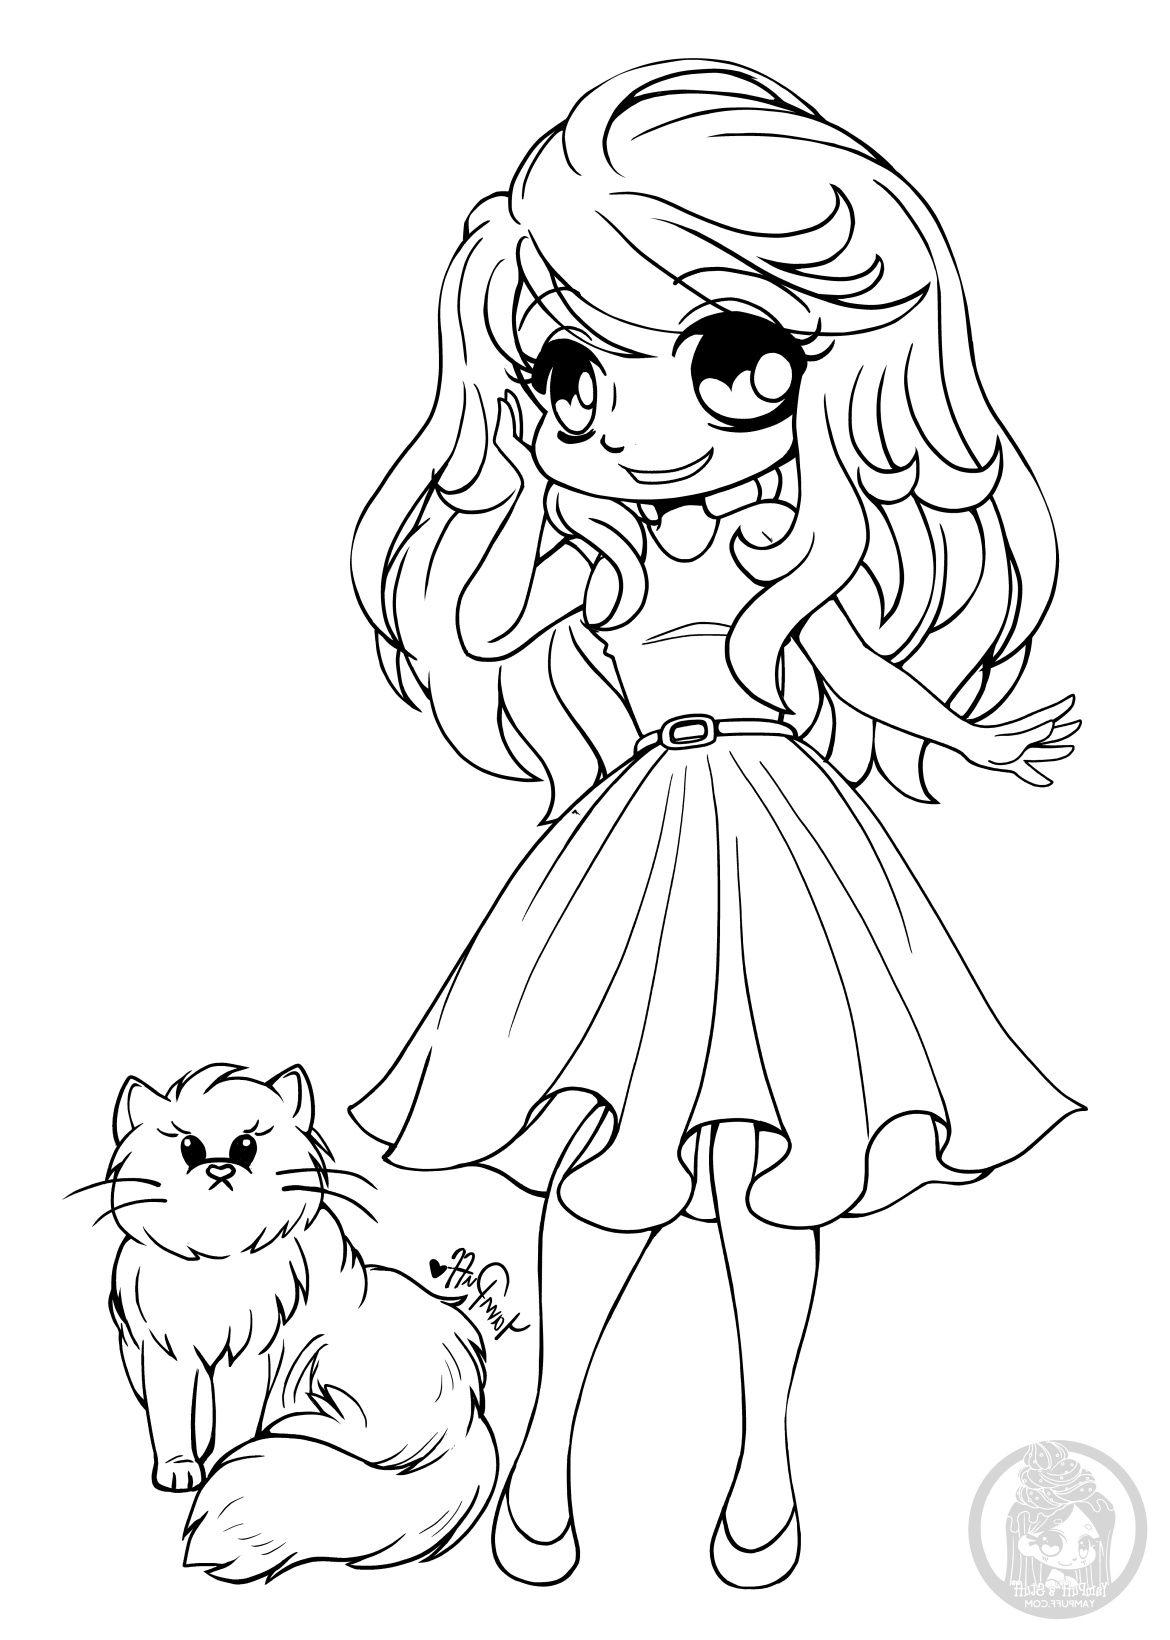 Image manga fille pour colorier chibi par YamPuff  Coloriage